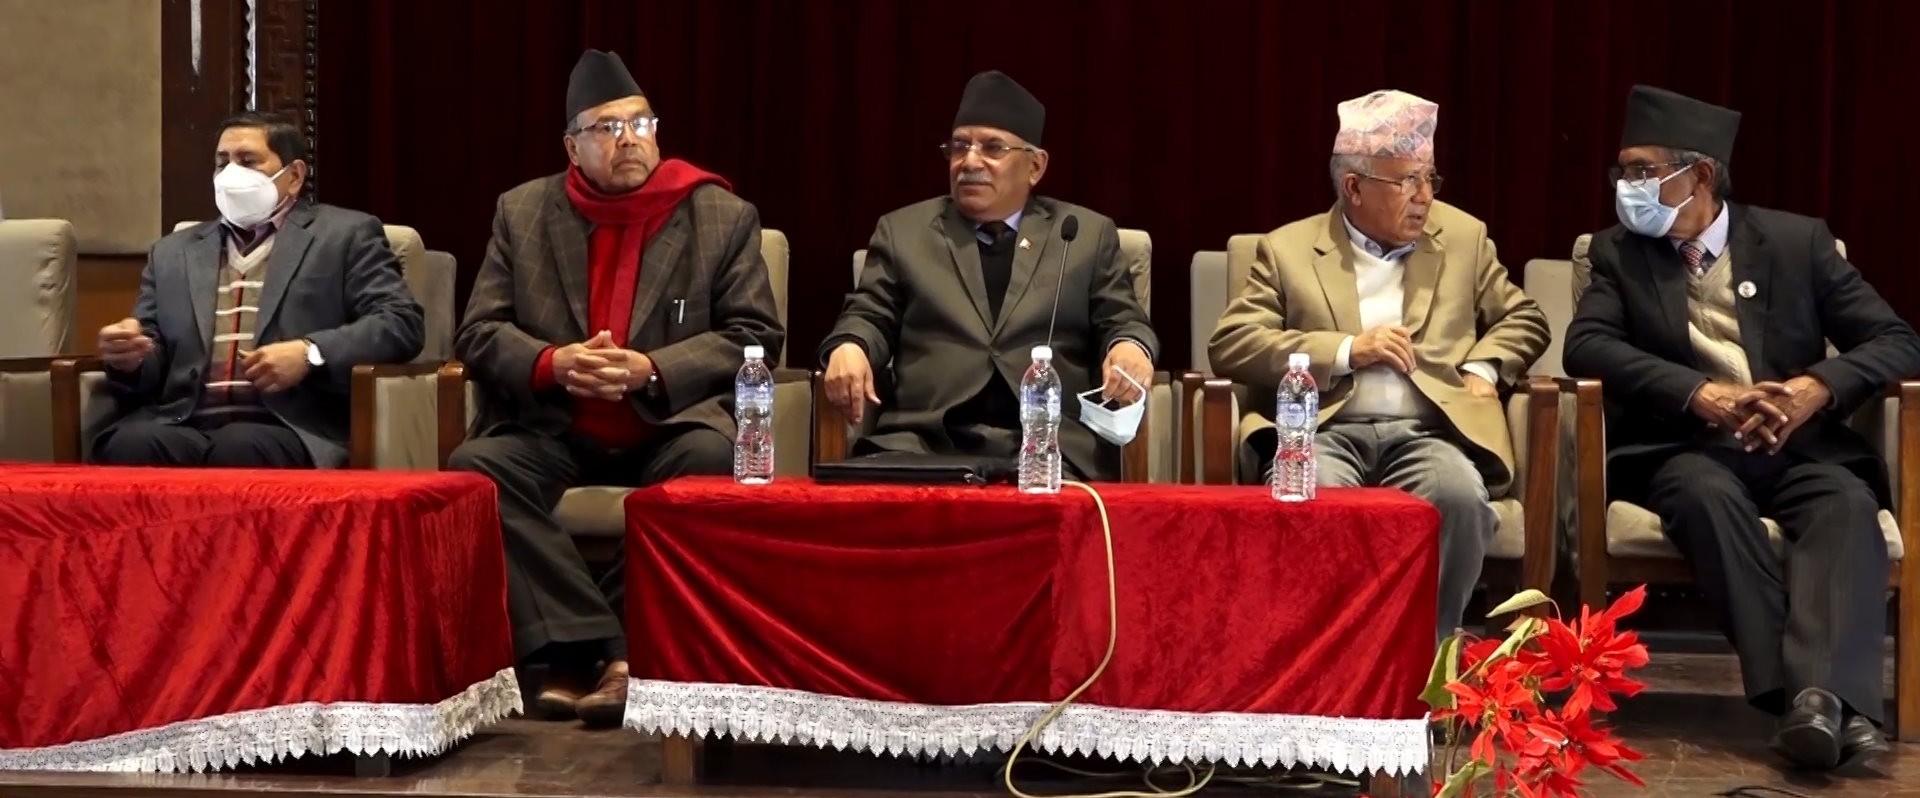 नेकपा दाहाल–नेपाल समूहले ६८ जिल्लाको नेतृत्व टुंग्यायो